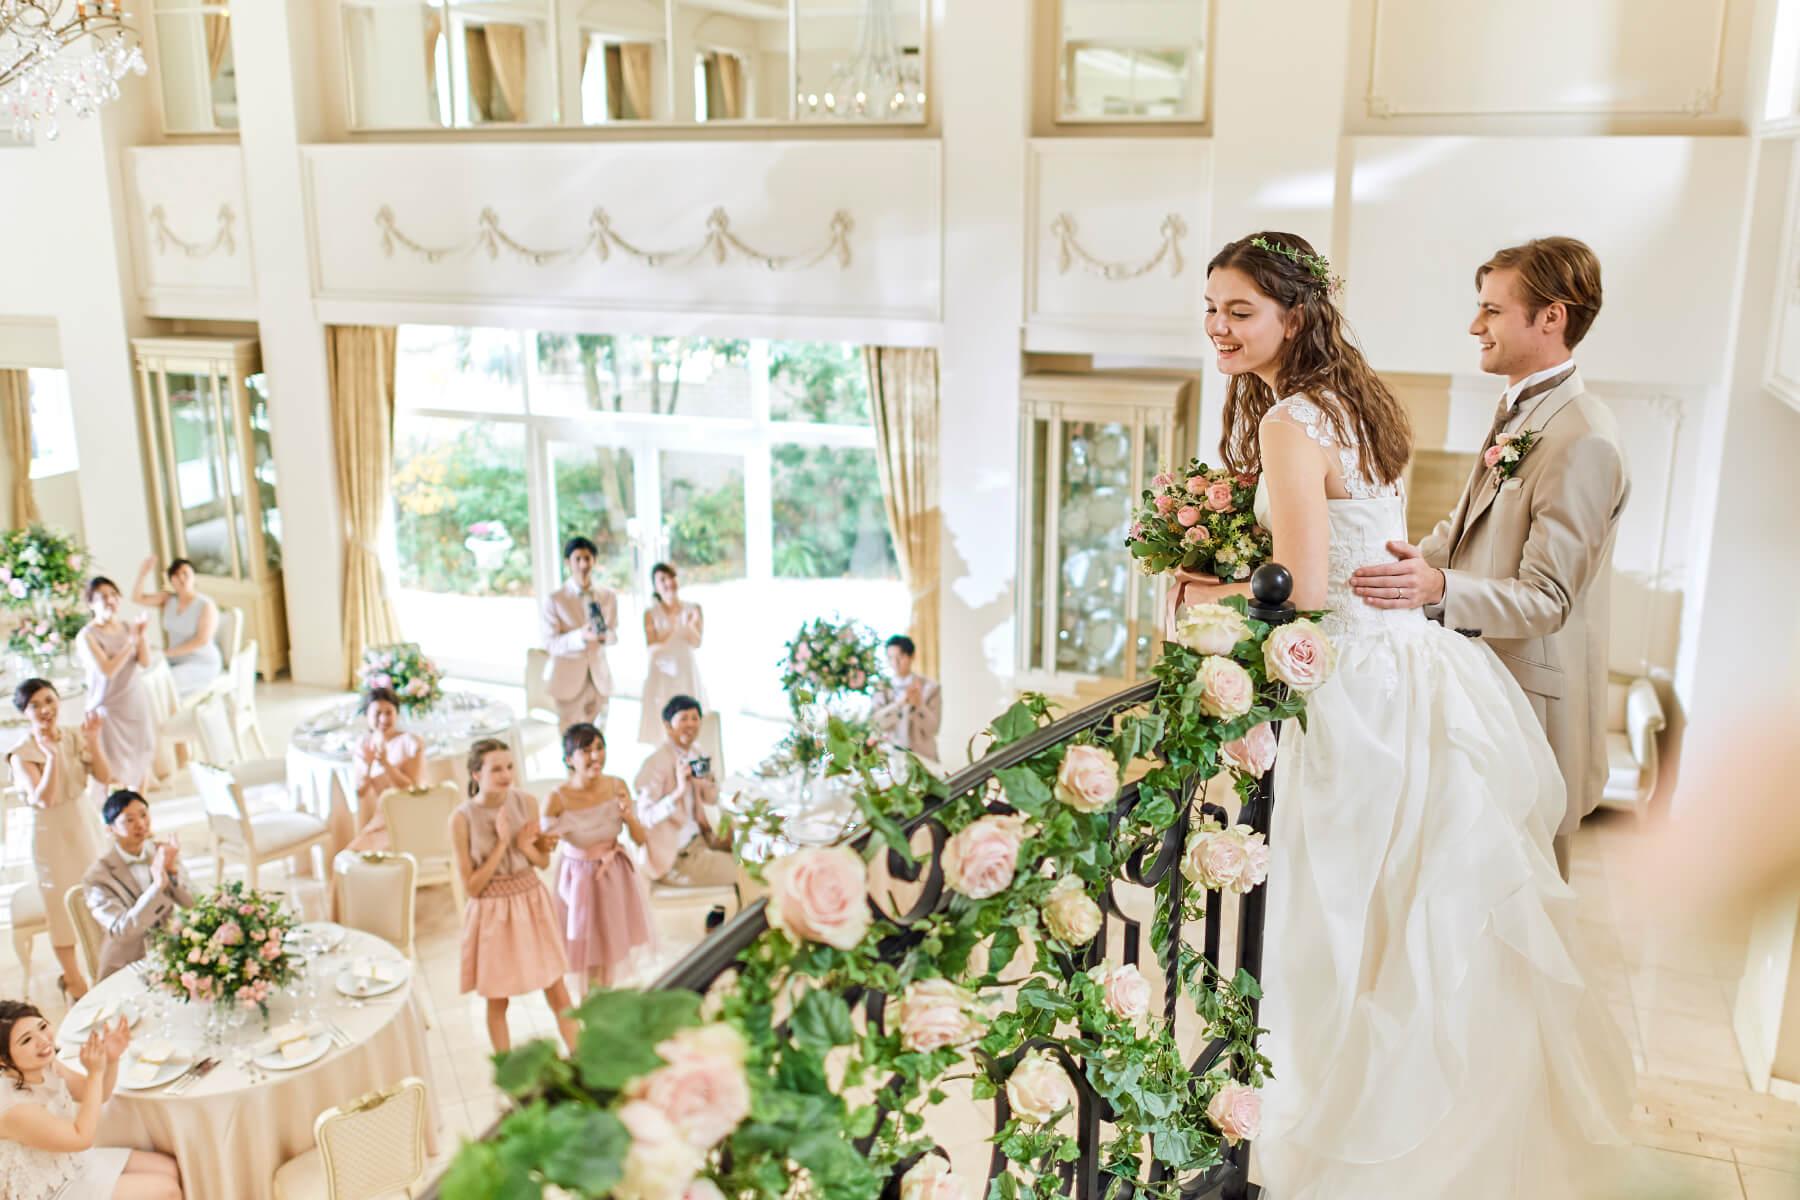 花嫁の憧れを詰め込んだロマンティックな空間